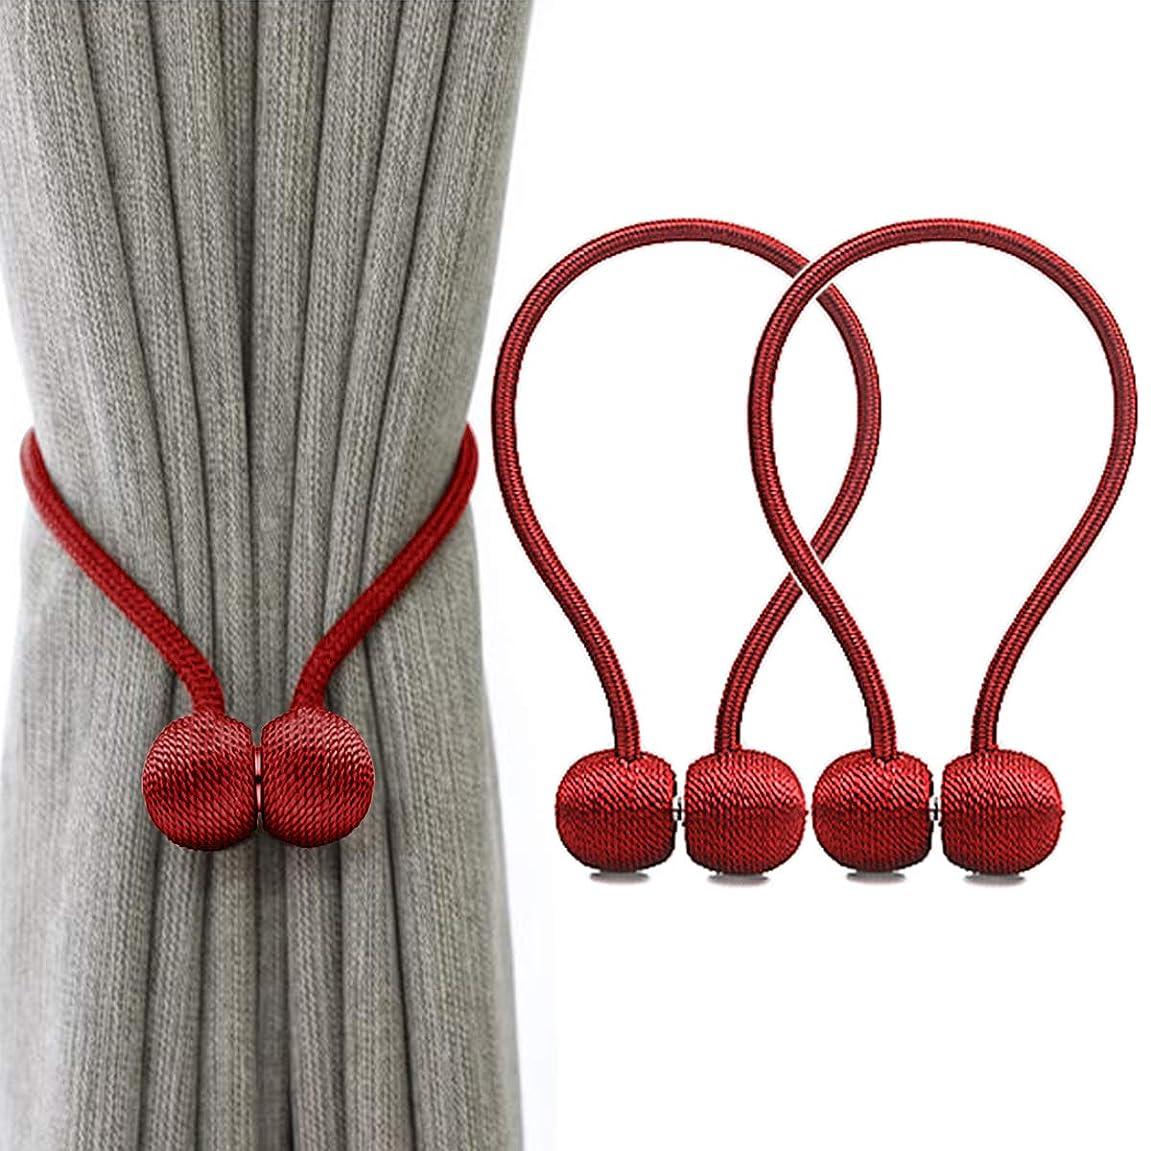 その結果彫刻シェフIHClink ロープ式 カーテンタッセル マグネット カーテン留め飾り カーテン アクセサリー ロープタッセル 紐 締め 2個セット(レッド)